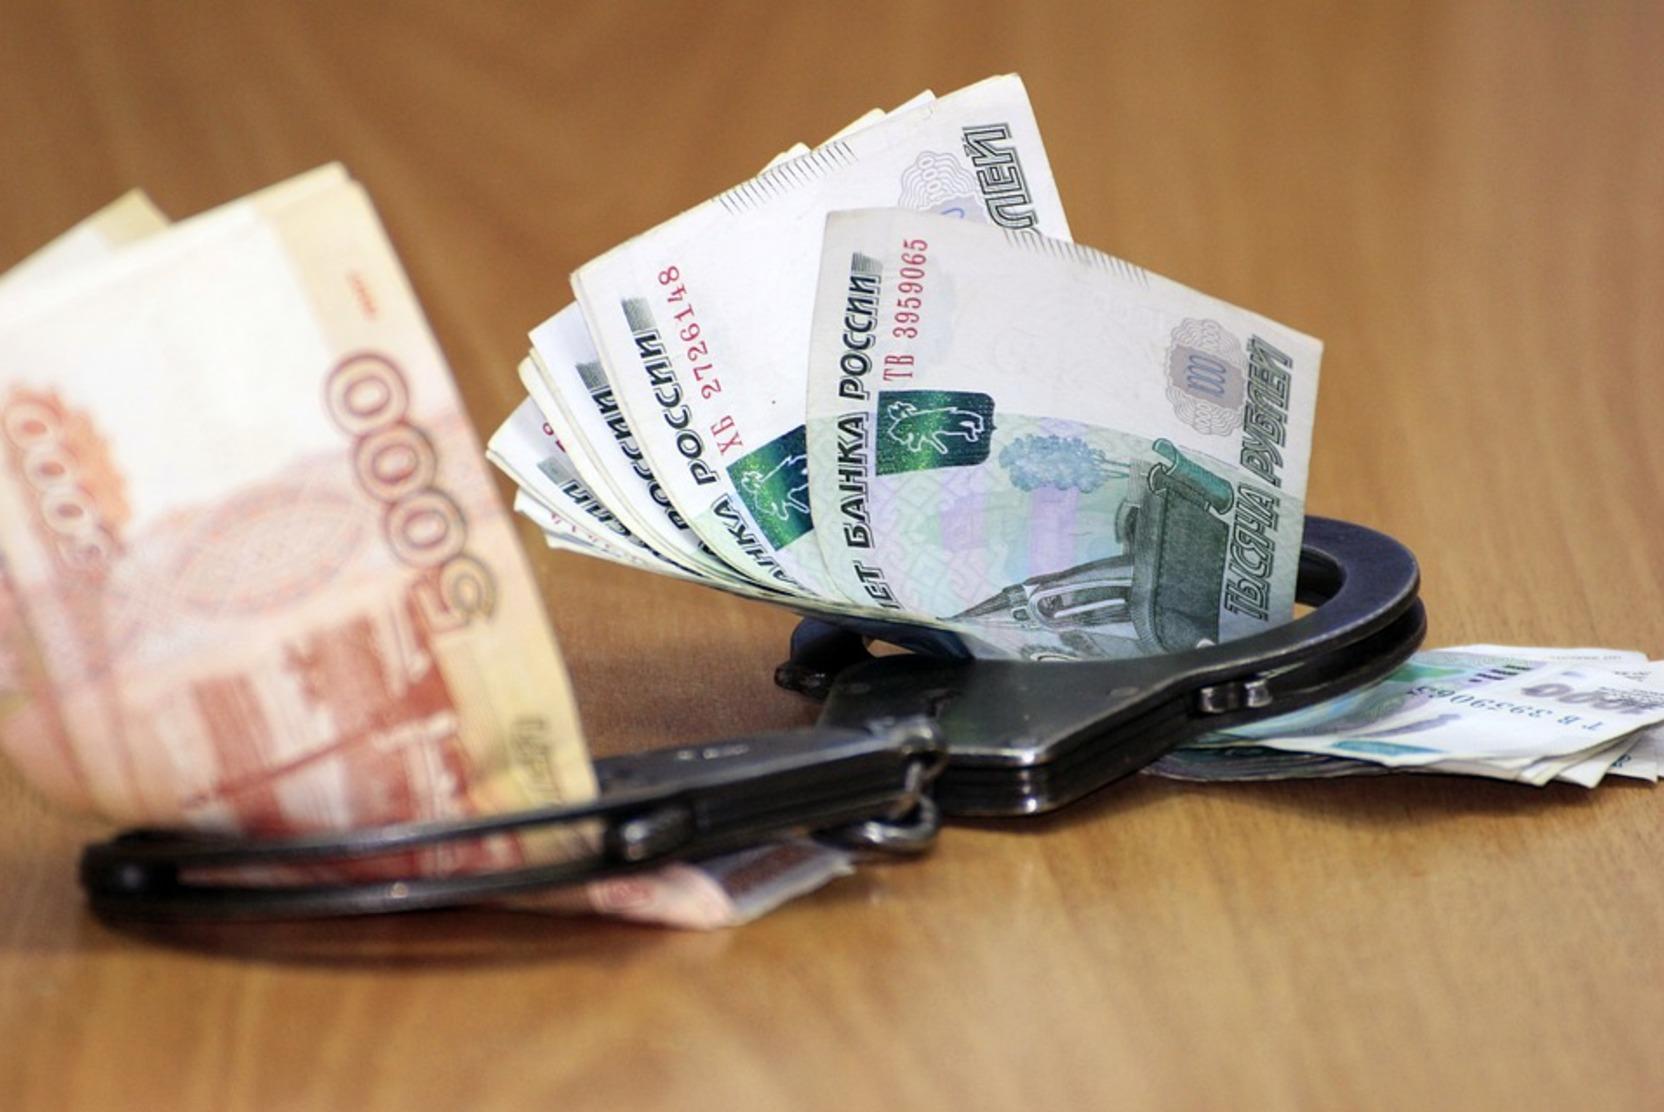 СМИ сообщили о задержании замглавы столичного департамента по подозрению в коррупции